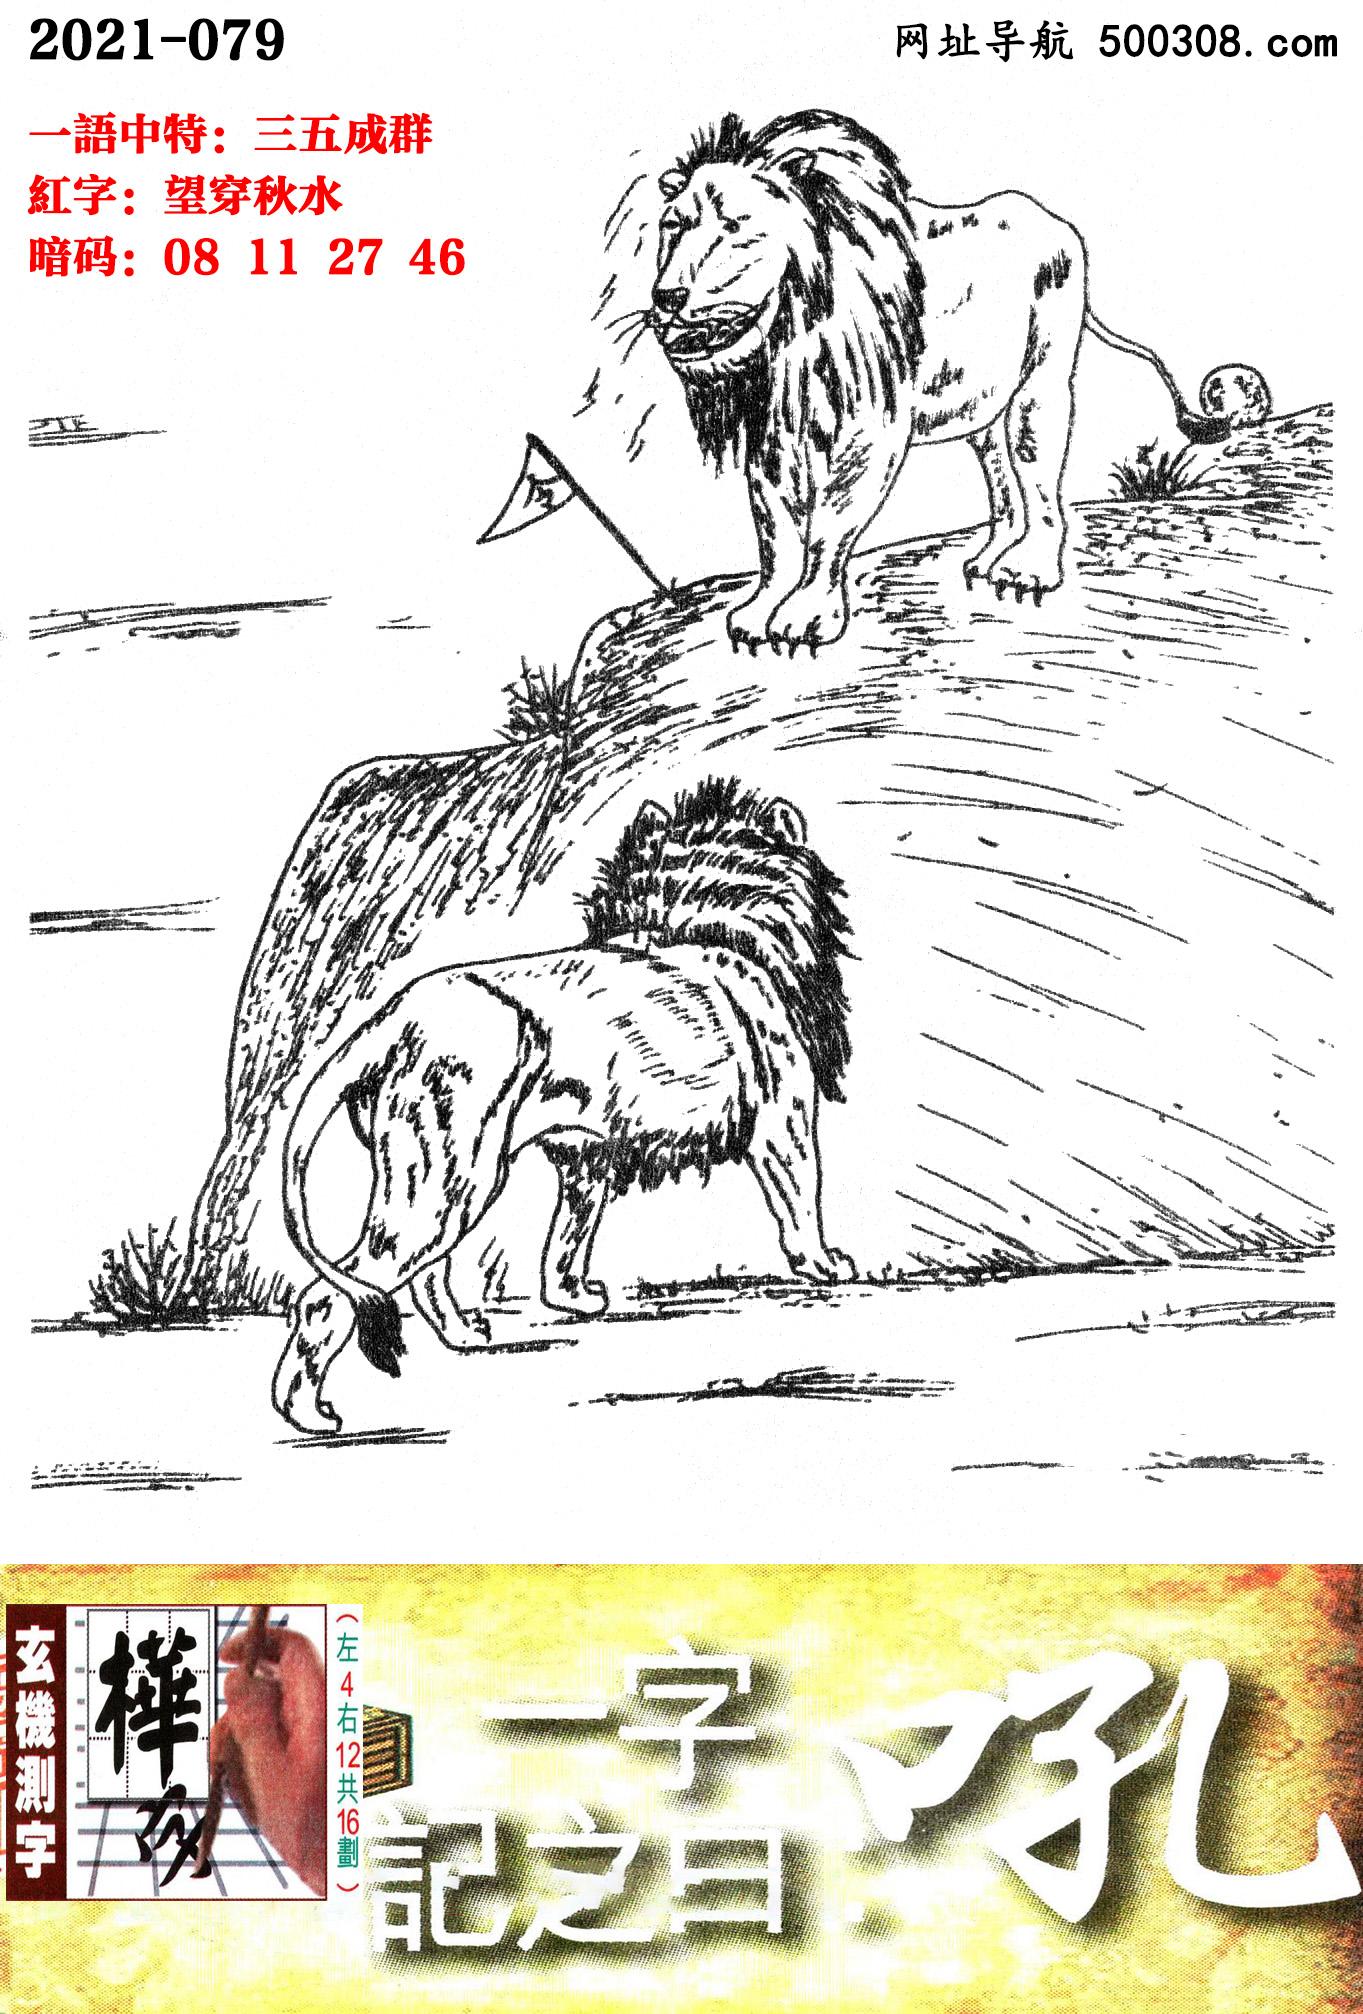 079期跑狗一字�之曰:【吼】_����好斗,何苦�碛桑�_非�撤怯眩�一�怒吼。